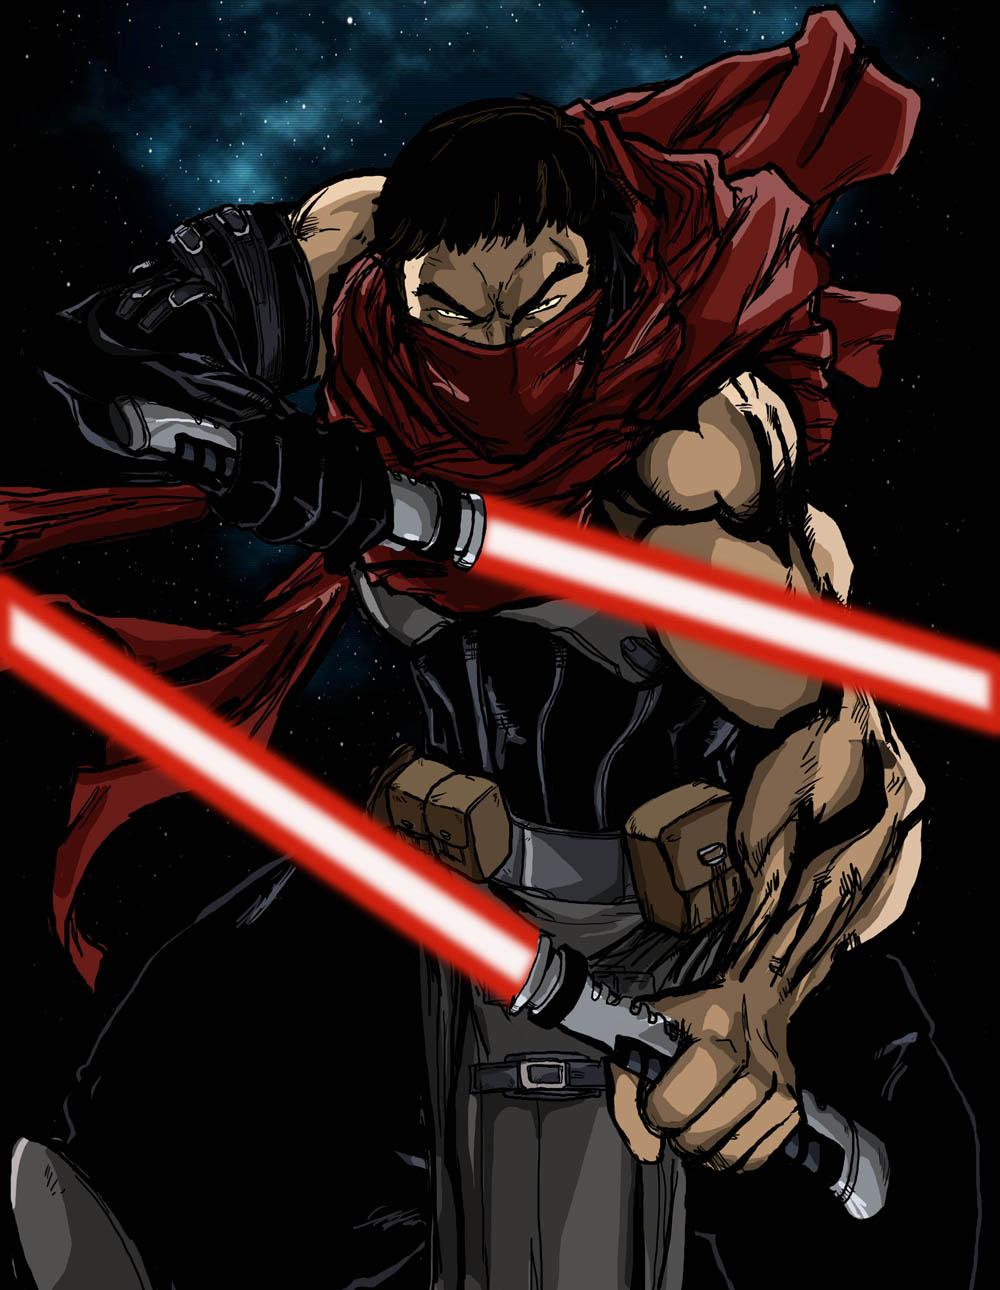 Darth nai'kage from star wars x